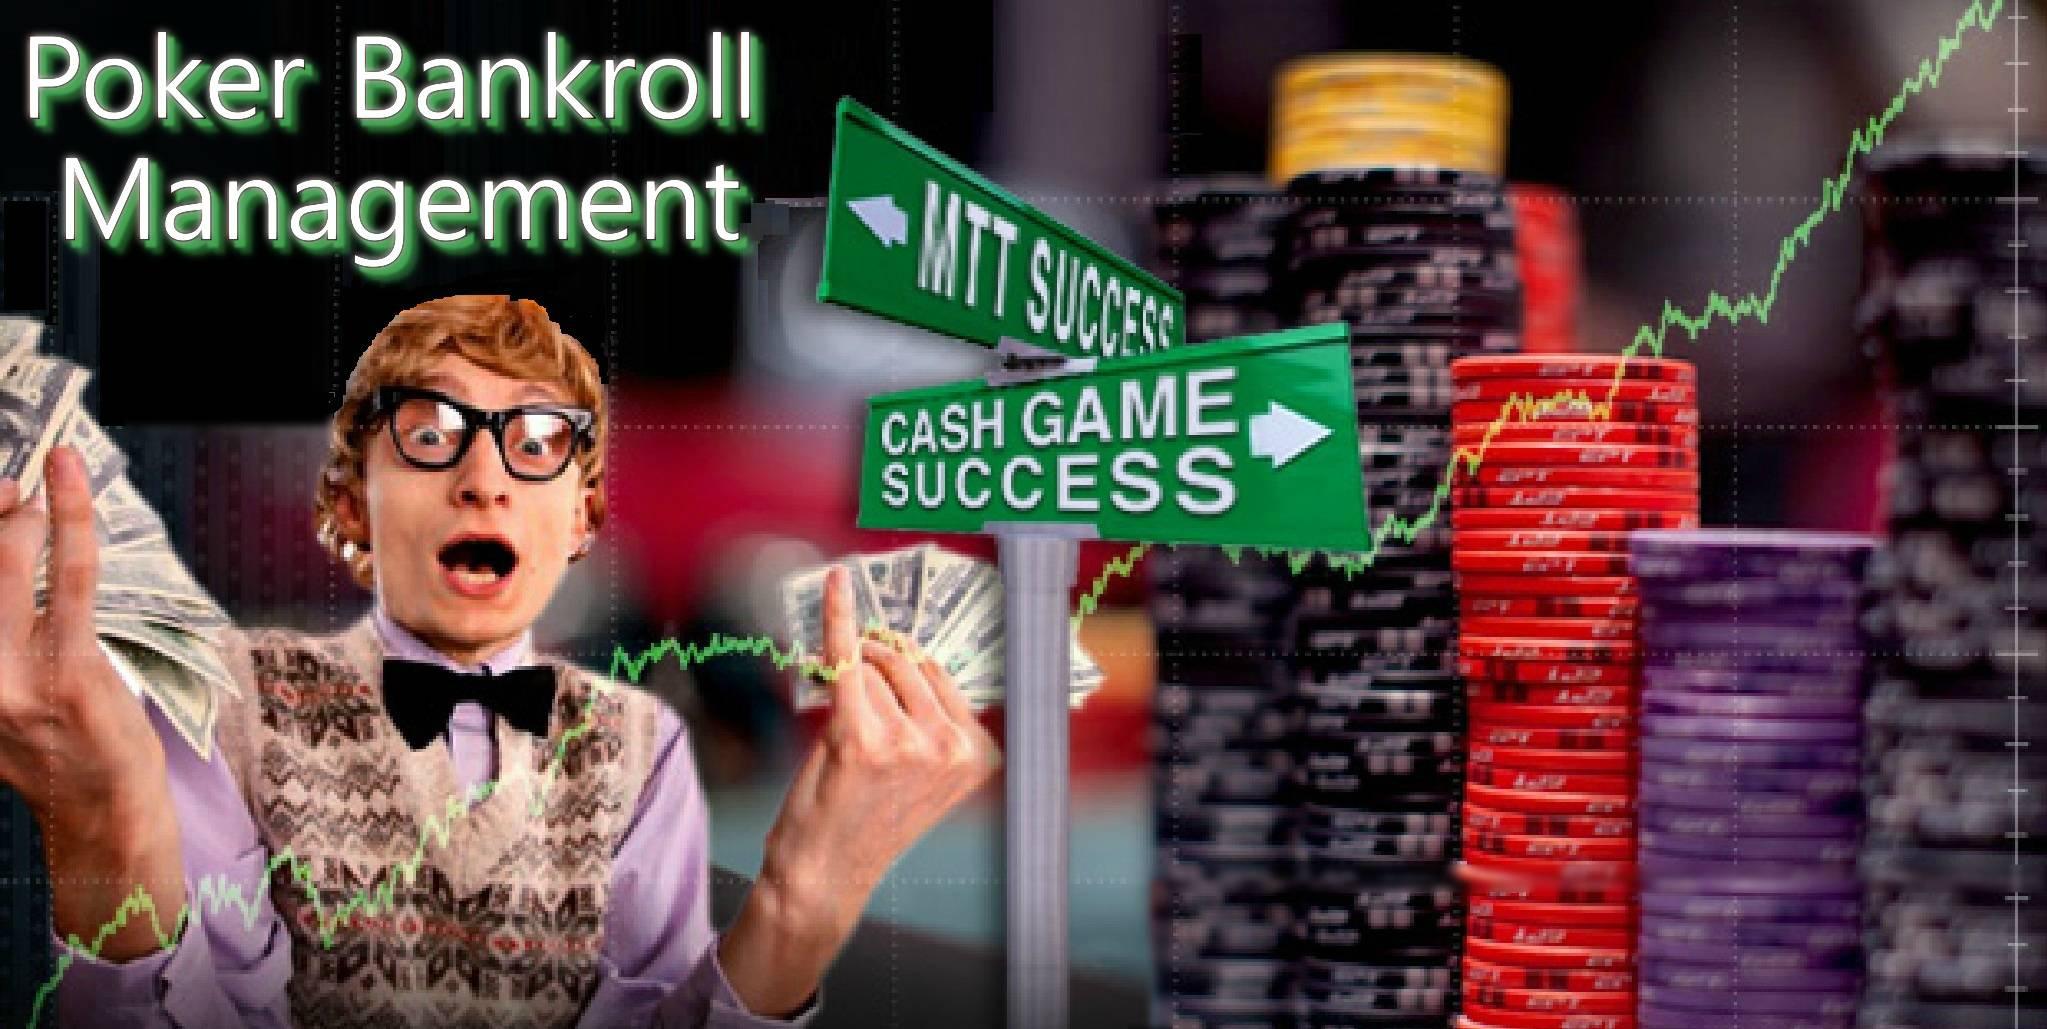 poker bankroll management banner